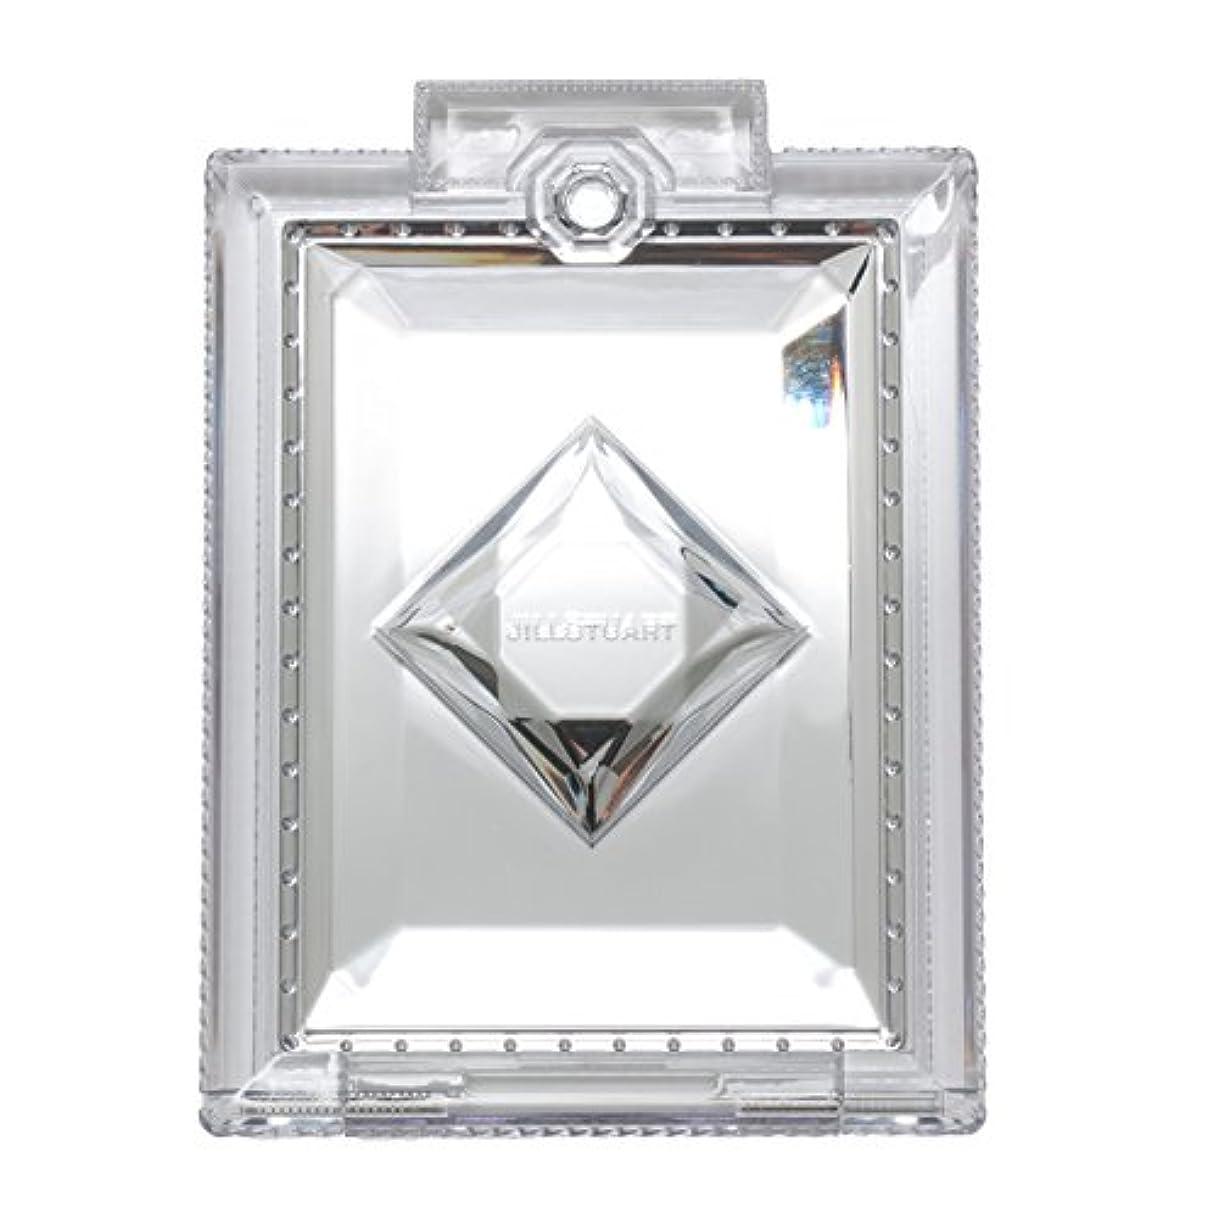 希望に満ちた変わる改修【名入れ対応可】ジルスチュアート JILL STUART ミラー 鏡 手鏡 Compact Mirror 3 ジルスチュアート スクエア 四角 コンパクトミラー 3 ii 26869